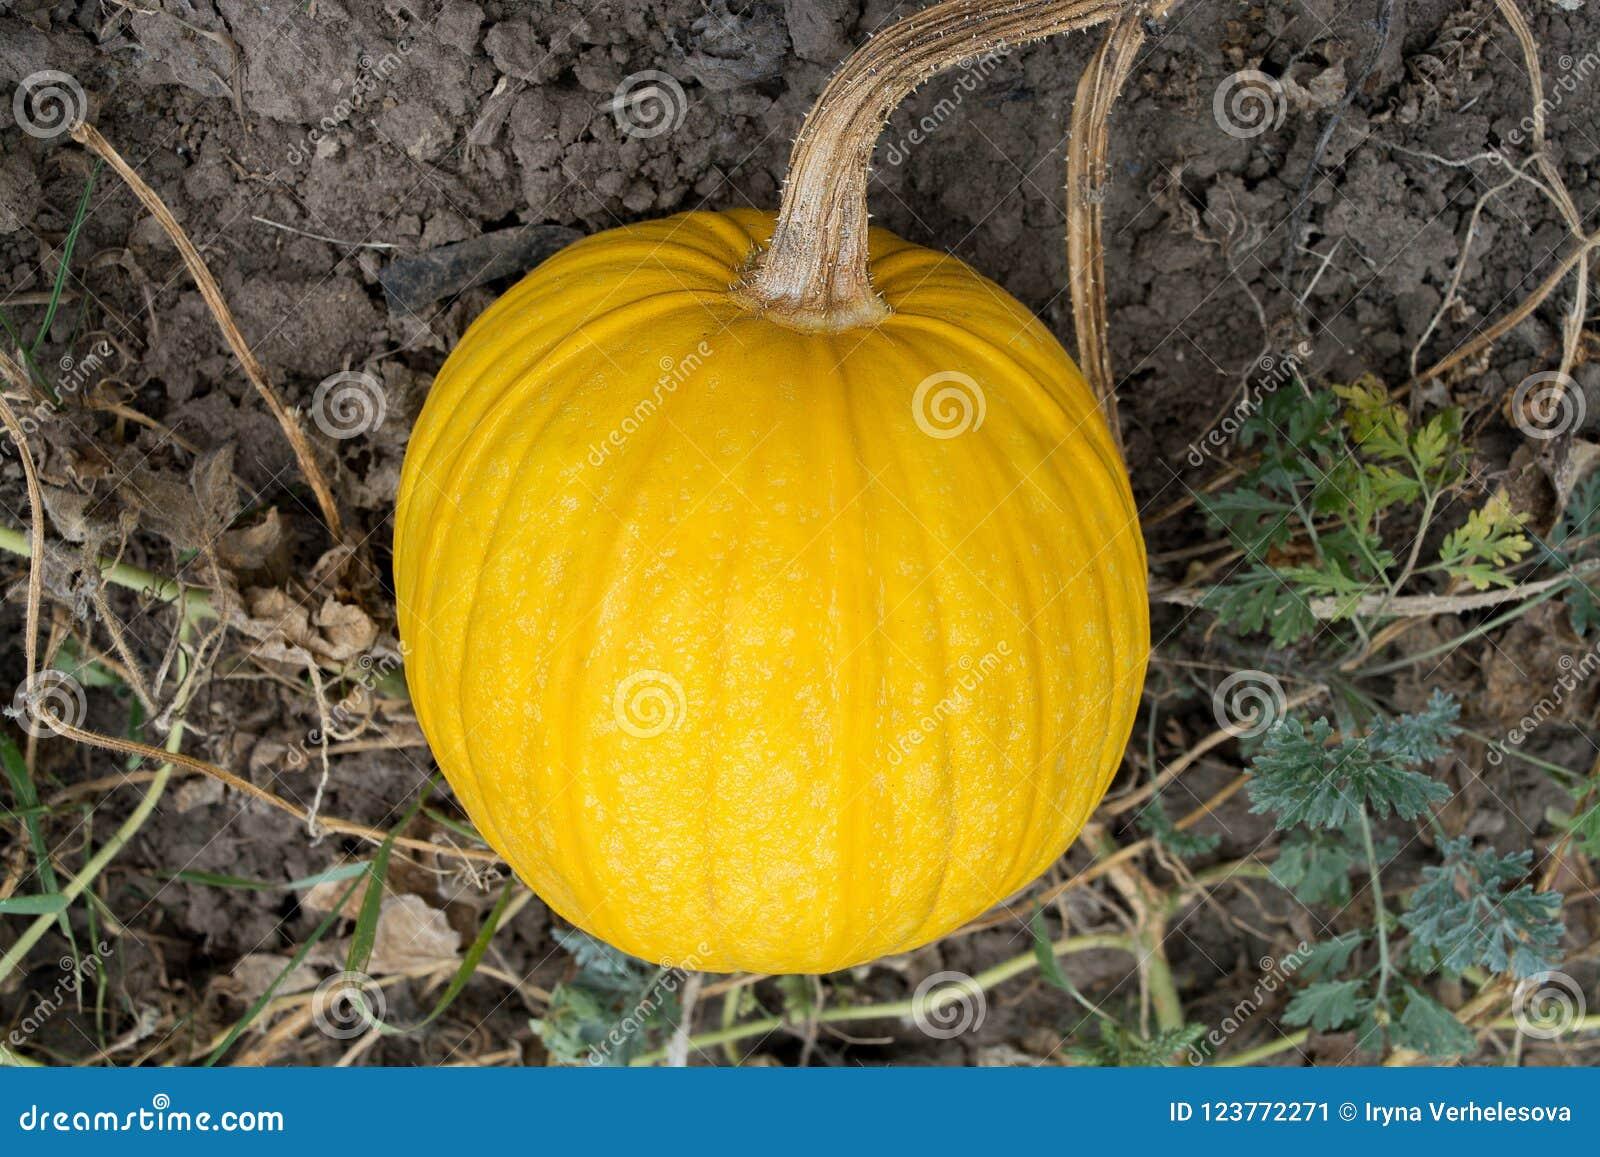 Calabaza madura amarilla en el campo